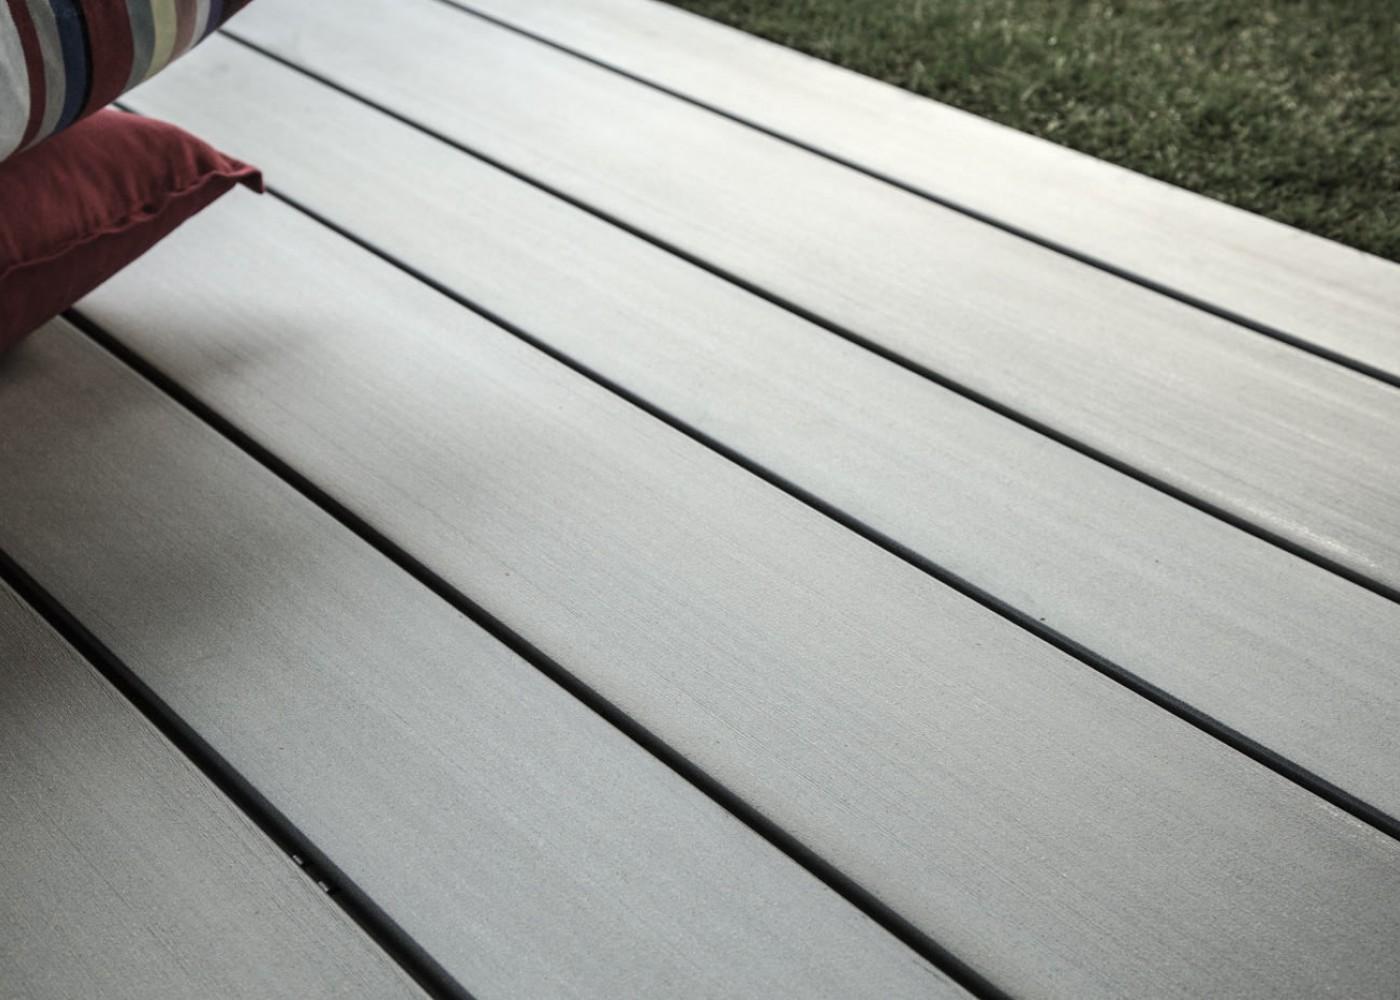 Lame De Terrasse En Bois Composite, Teinte Gris Iroise, Profil Lisse,  Rainuré Ou